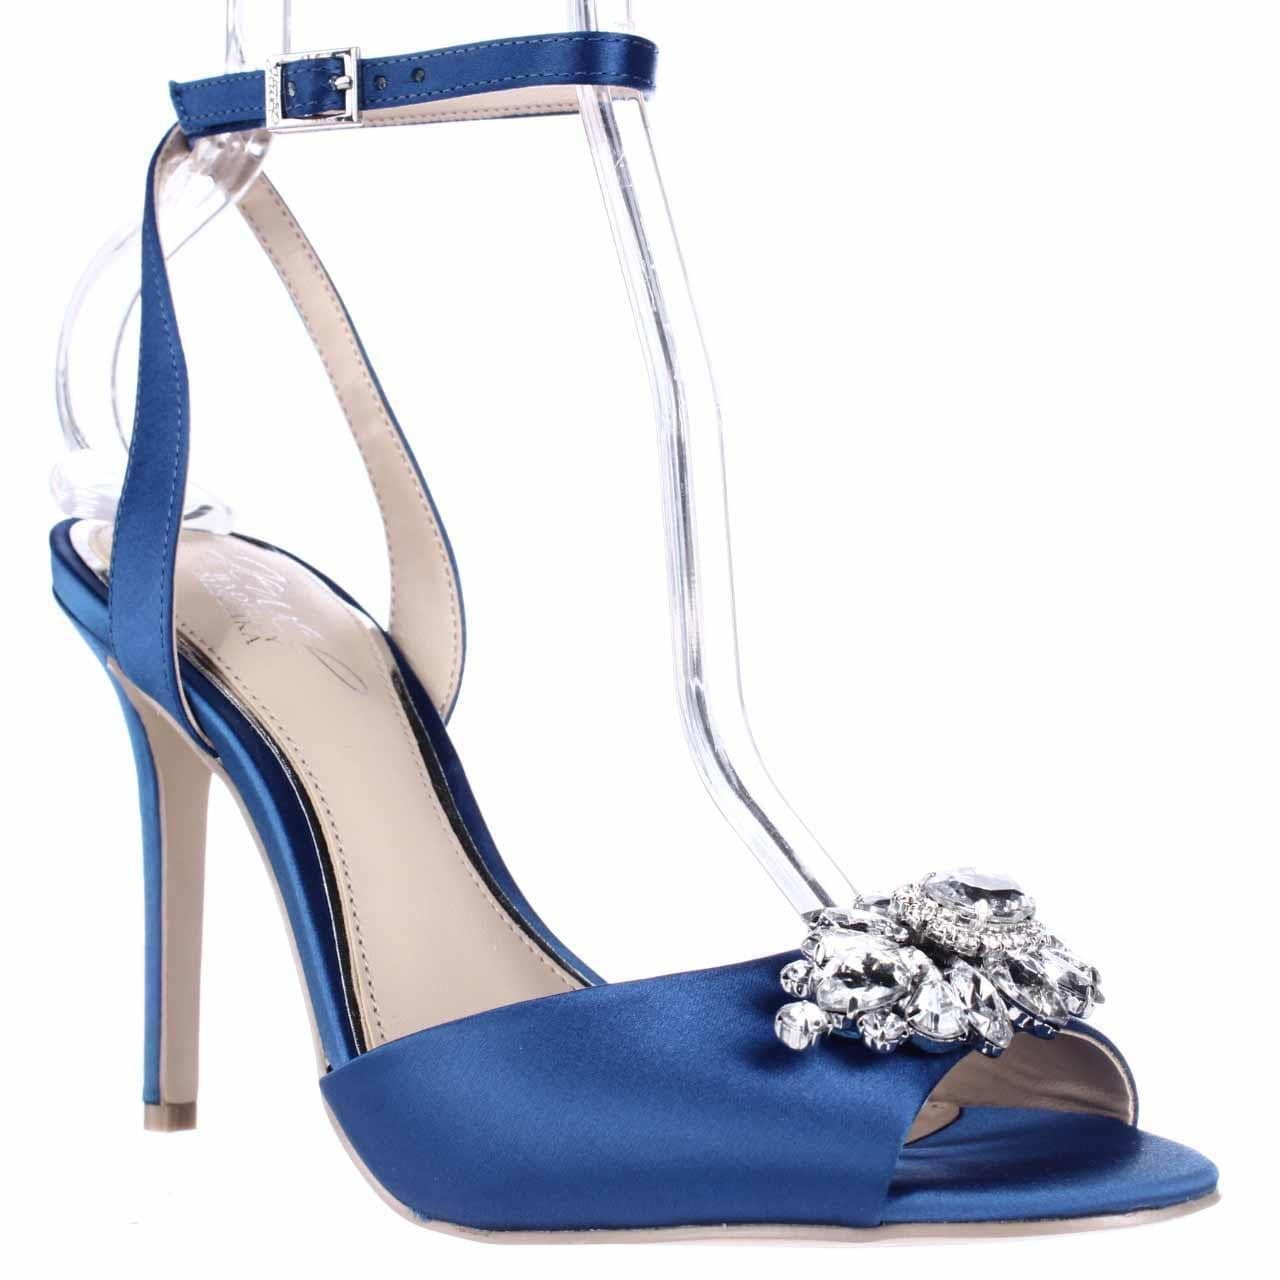 f92e9ad27c150 Buy Badgley Mischka Women s Sandals Online at Overstock